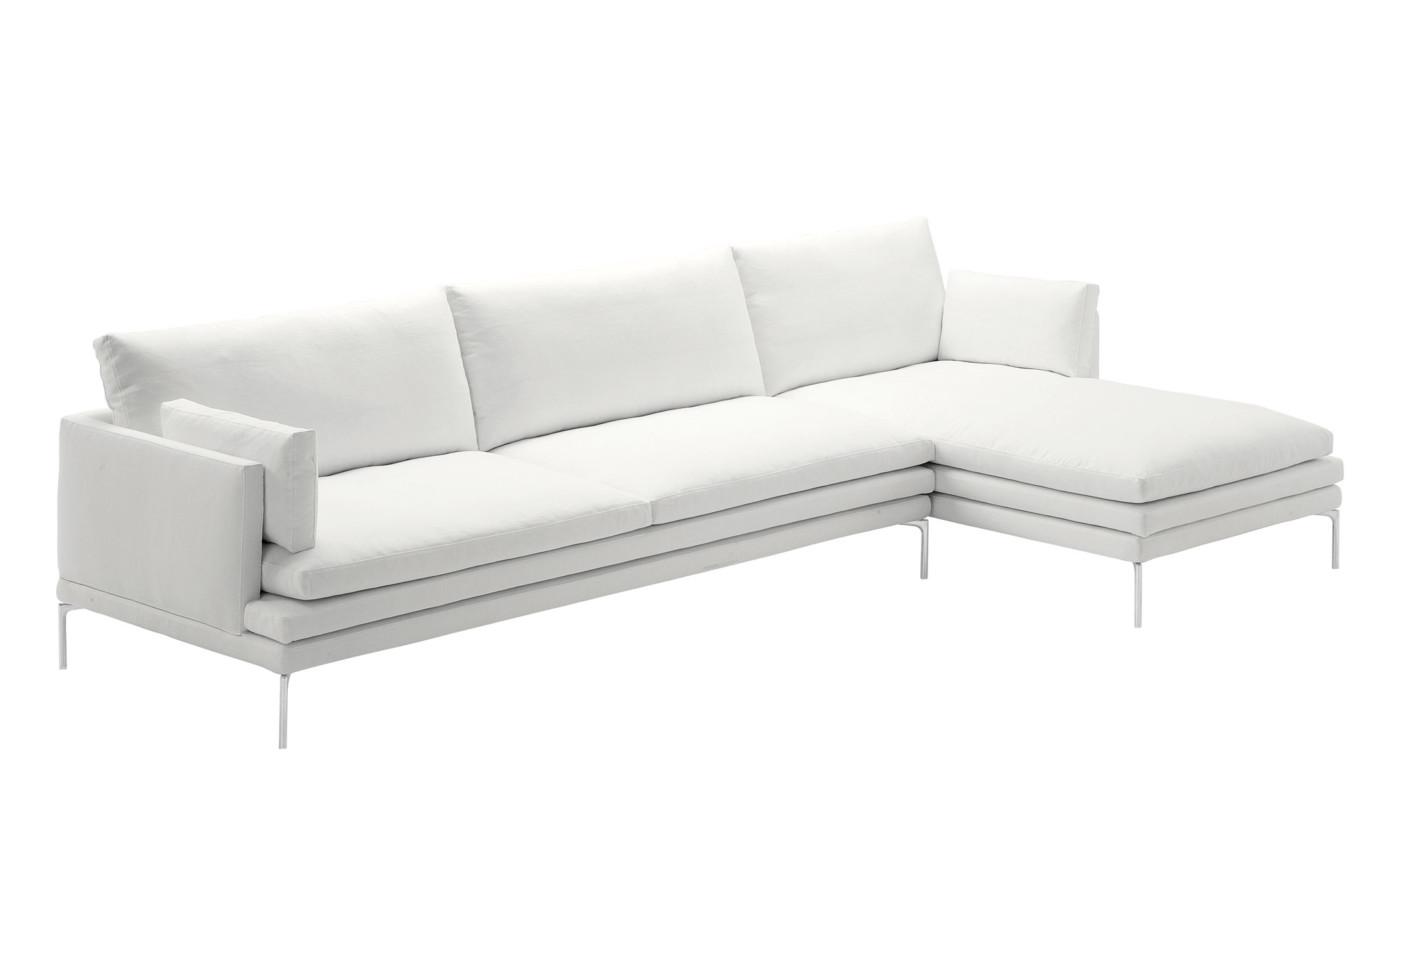 zanotta sofa bed cheap loveseat covers 1330 william corner by stylepark